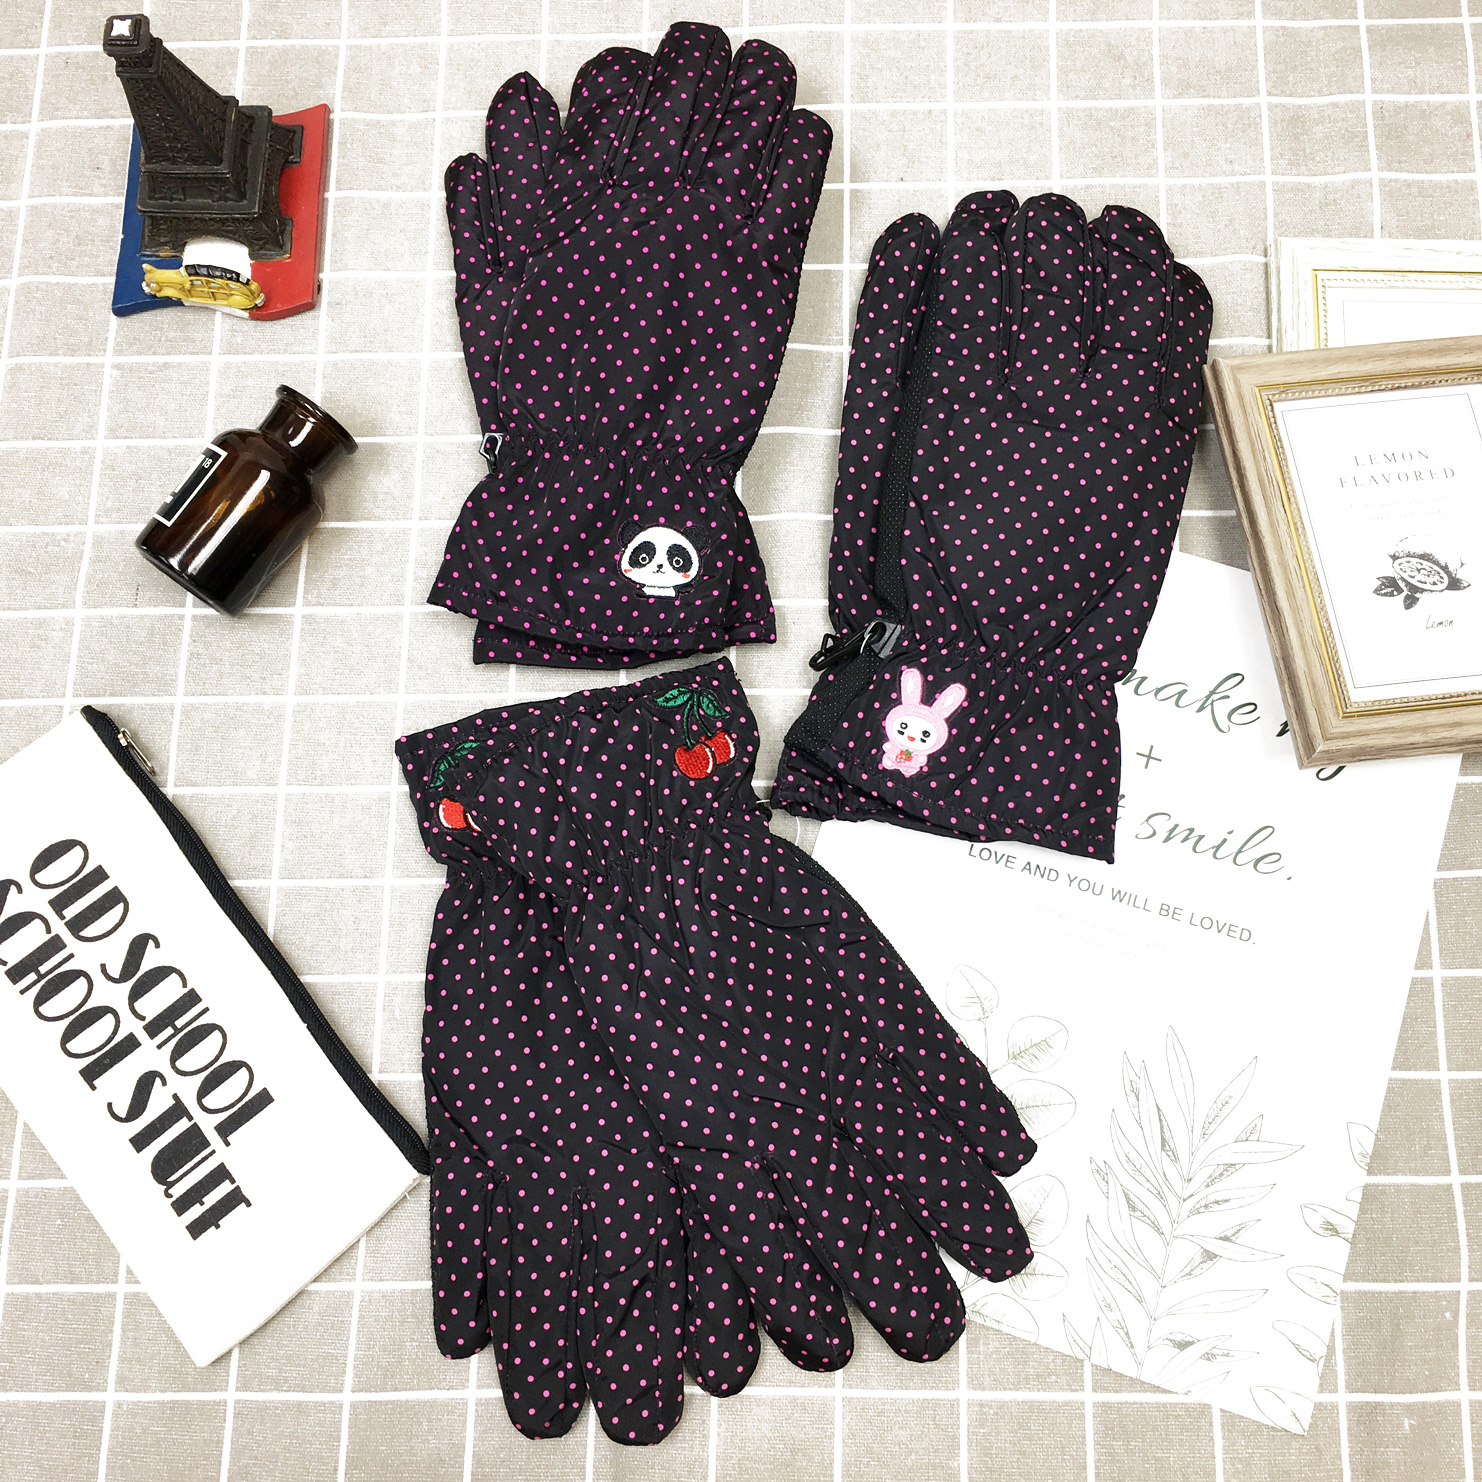 防風手套 防水 桃色小點點 兔子 熊貓 櫻桃刺繡 內刷毛 保暖 防滑 3款選 手套